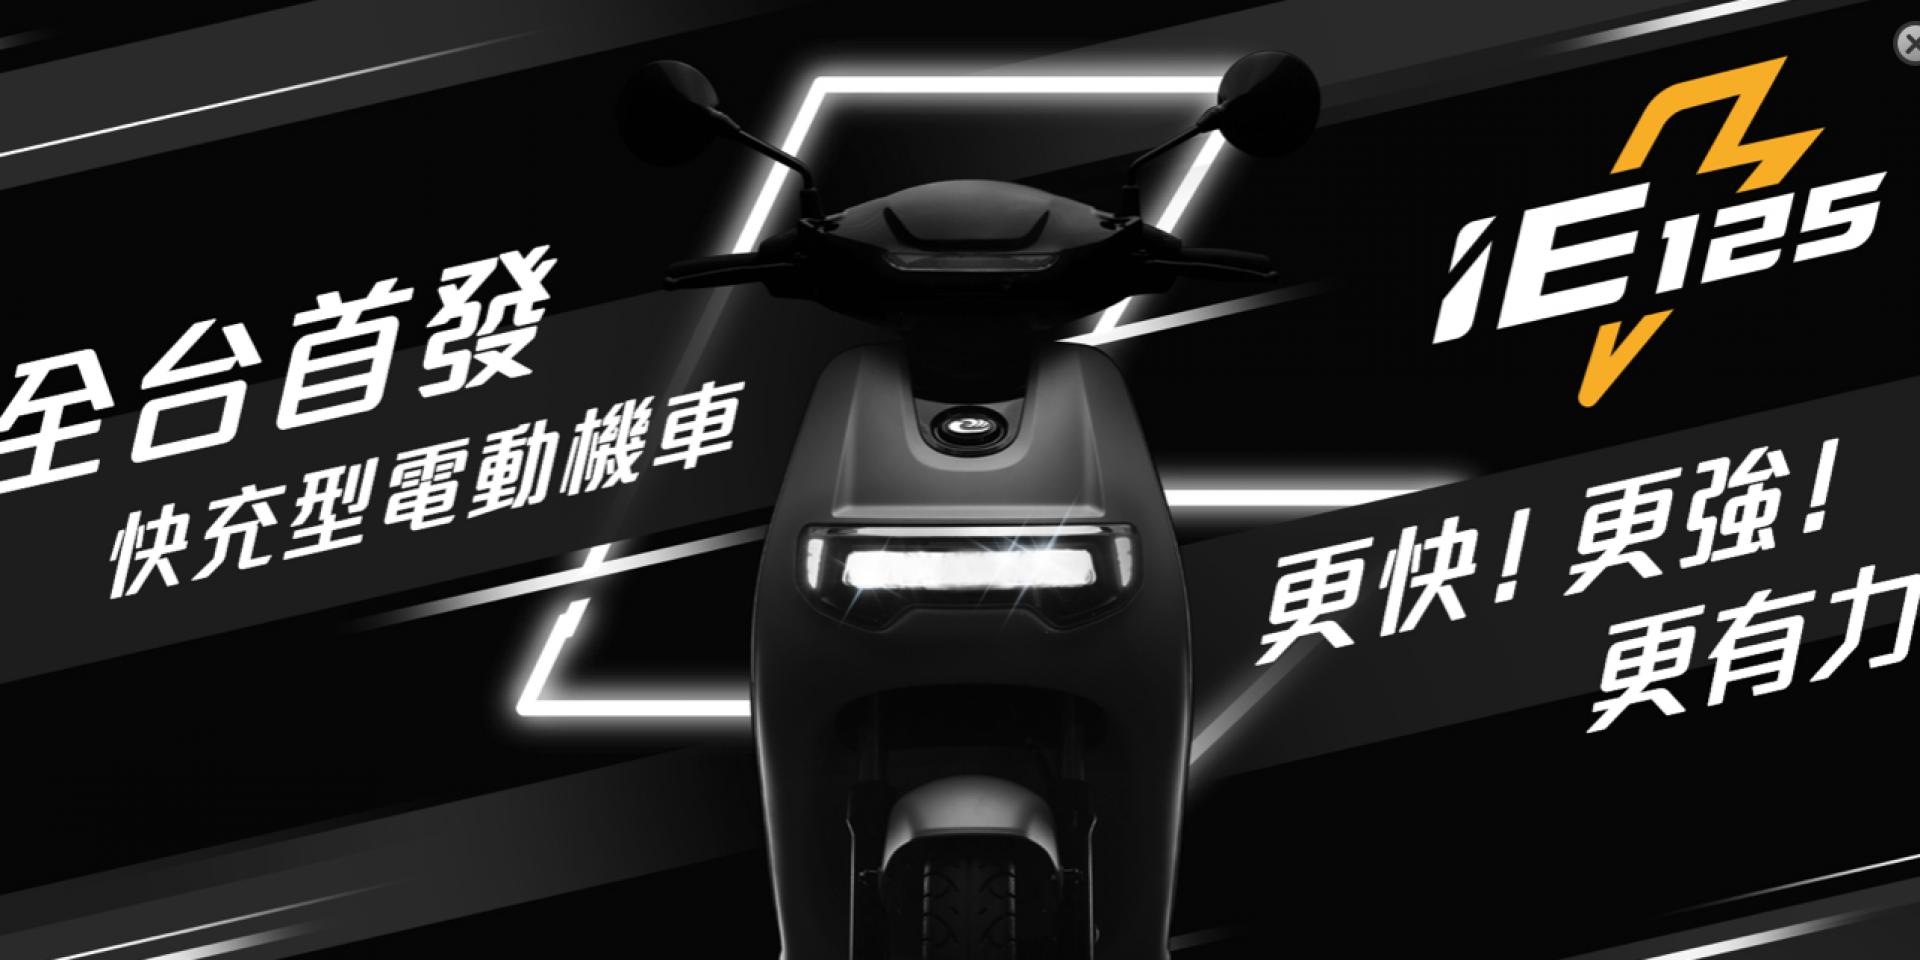 2019白牌電動車王者?中華e-Moving「IE 125」夏季登場